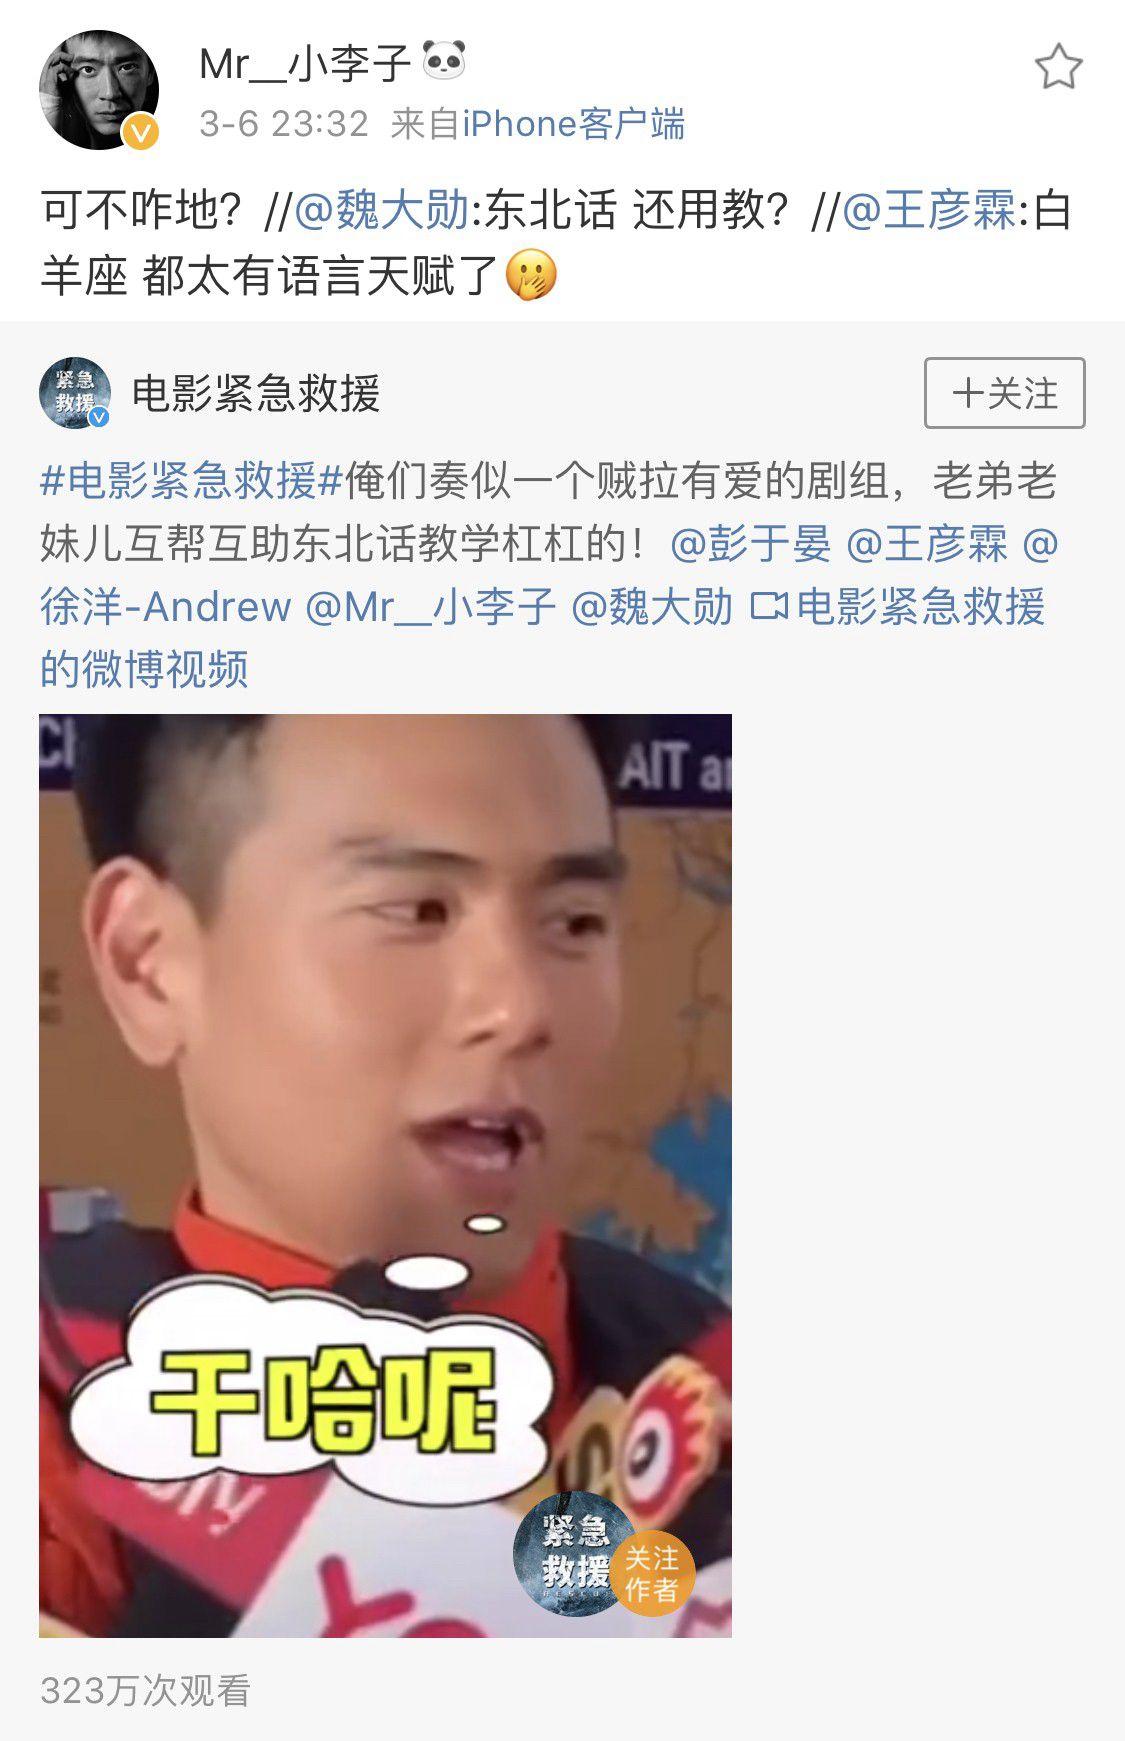 《紧急救援》开放媒体探班 (7).jpg